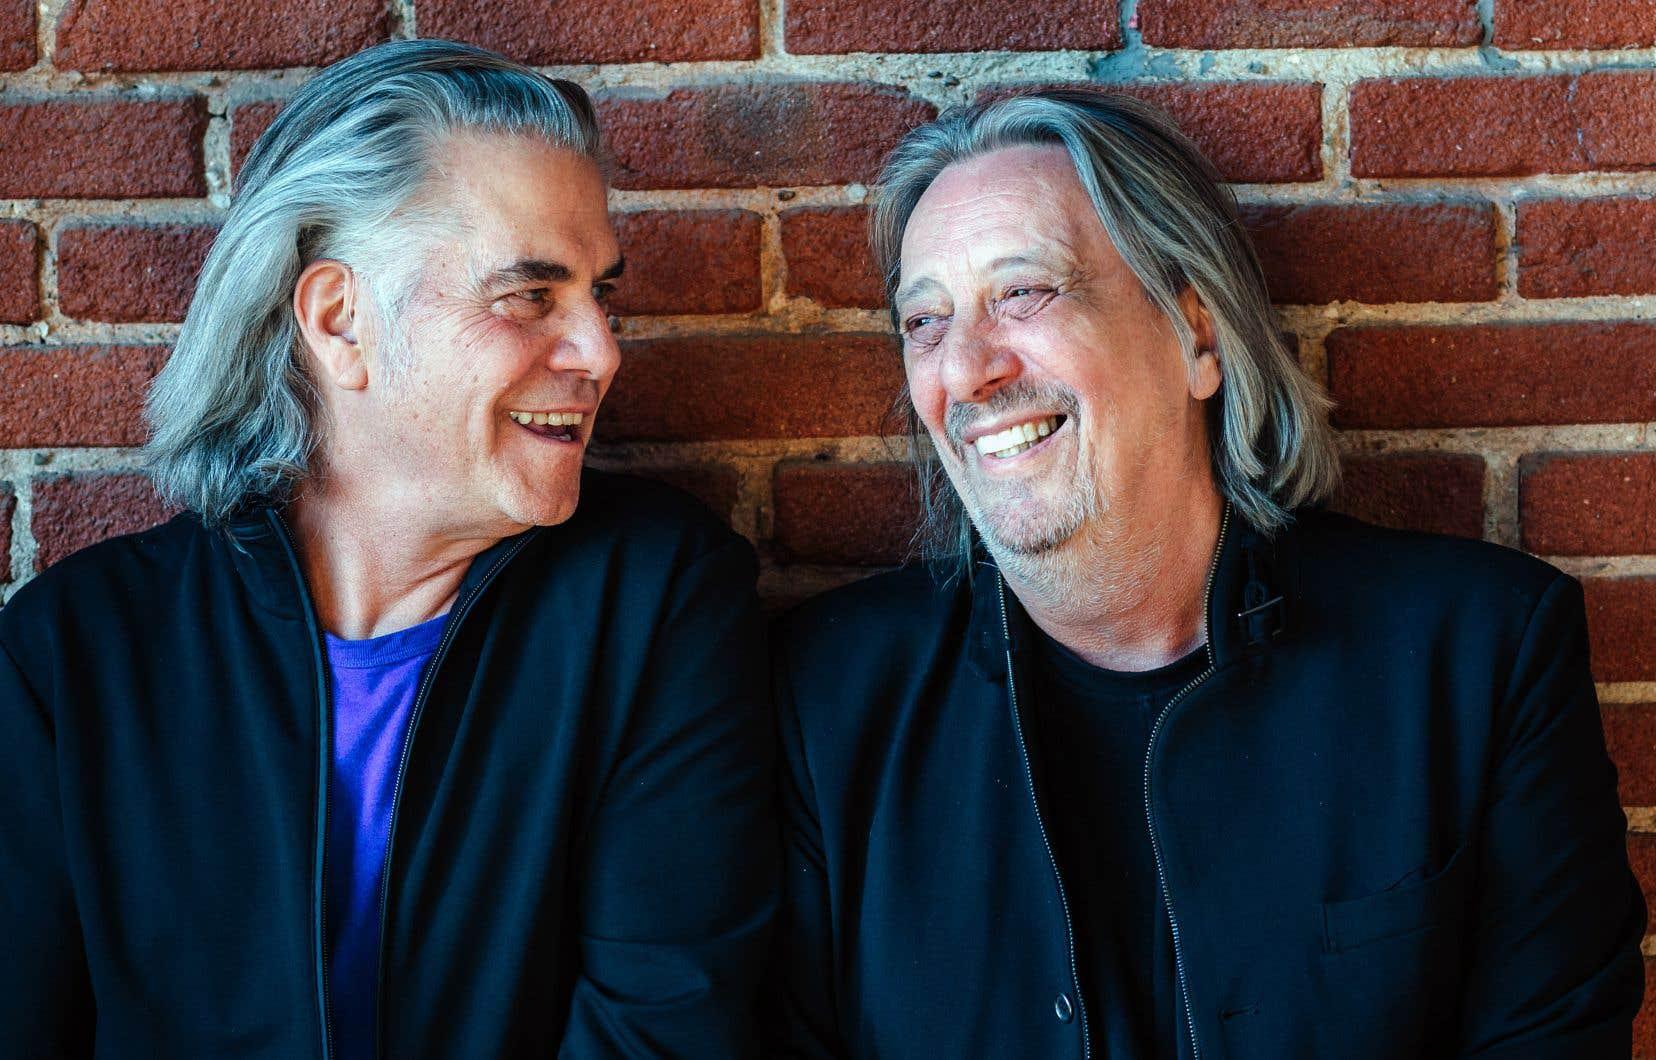 «Deux cents nuits à l'heure», pour l'essentiel, c'est l'album de survie d'auteurs-compositeurs-interprètes — Richard Séguin et Serge Fiori — liés d'amitié, qui vivaient simultanément une transition assez douloureuse et qui avaient besoin d'un exutoire.